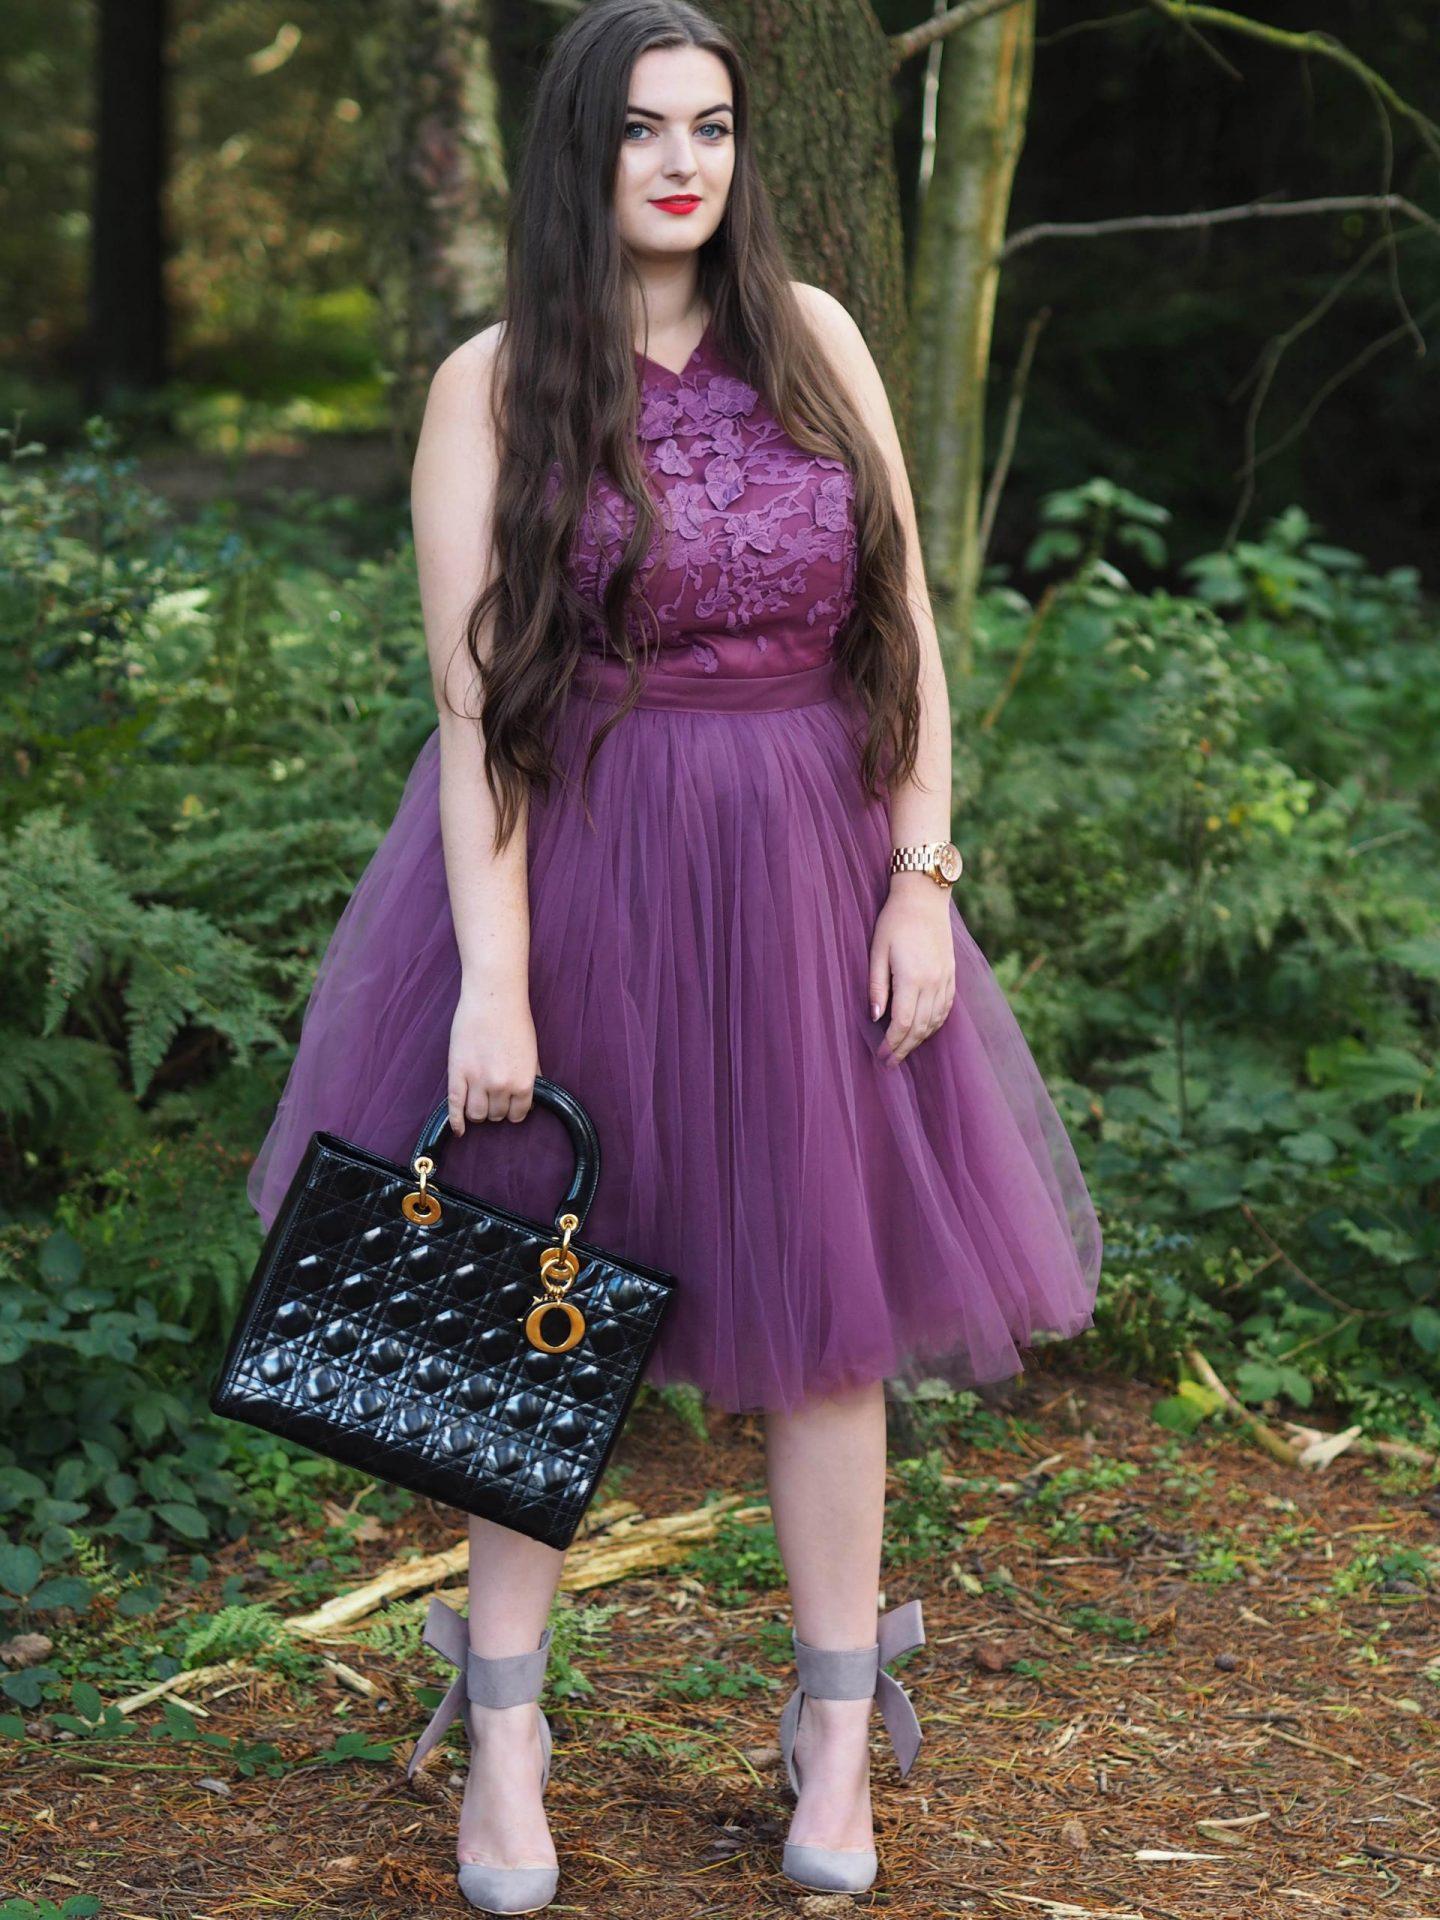 chi-chi-clothing-elif-dress-rachel-nicole-uk-blogger-2